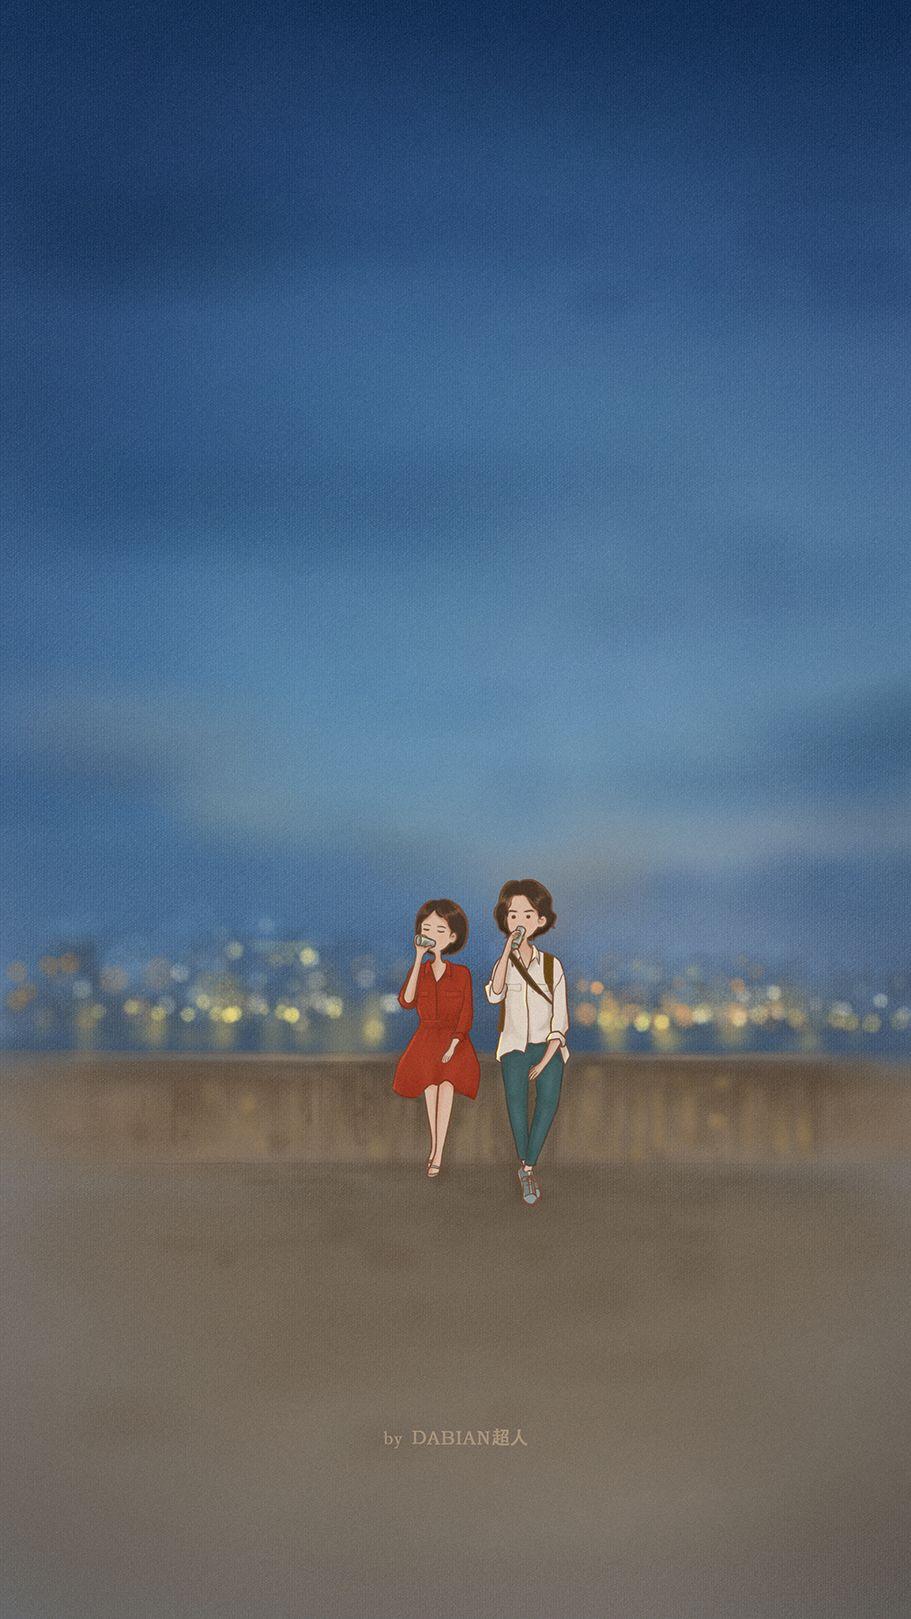 Pin Oleh Tae Di Wallpaper Ilustrasi Lucu Kartun Gambar